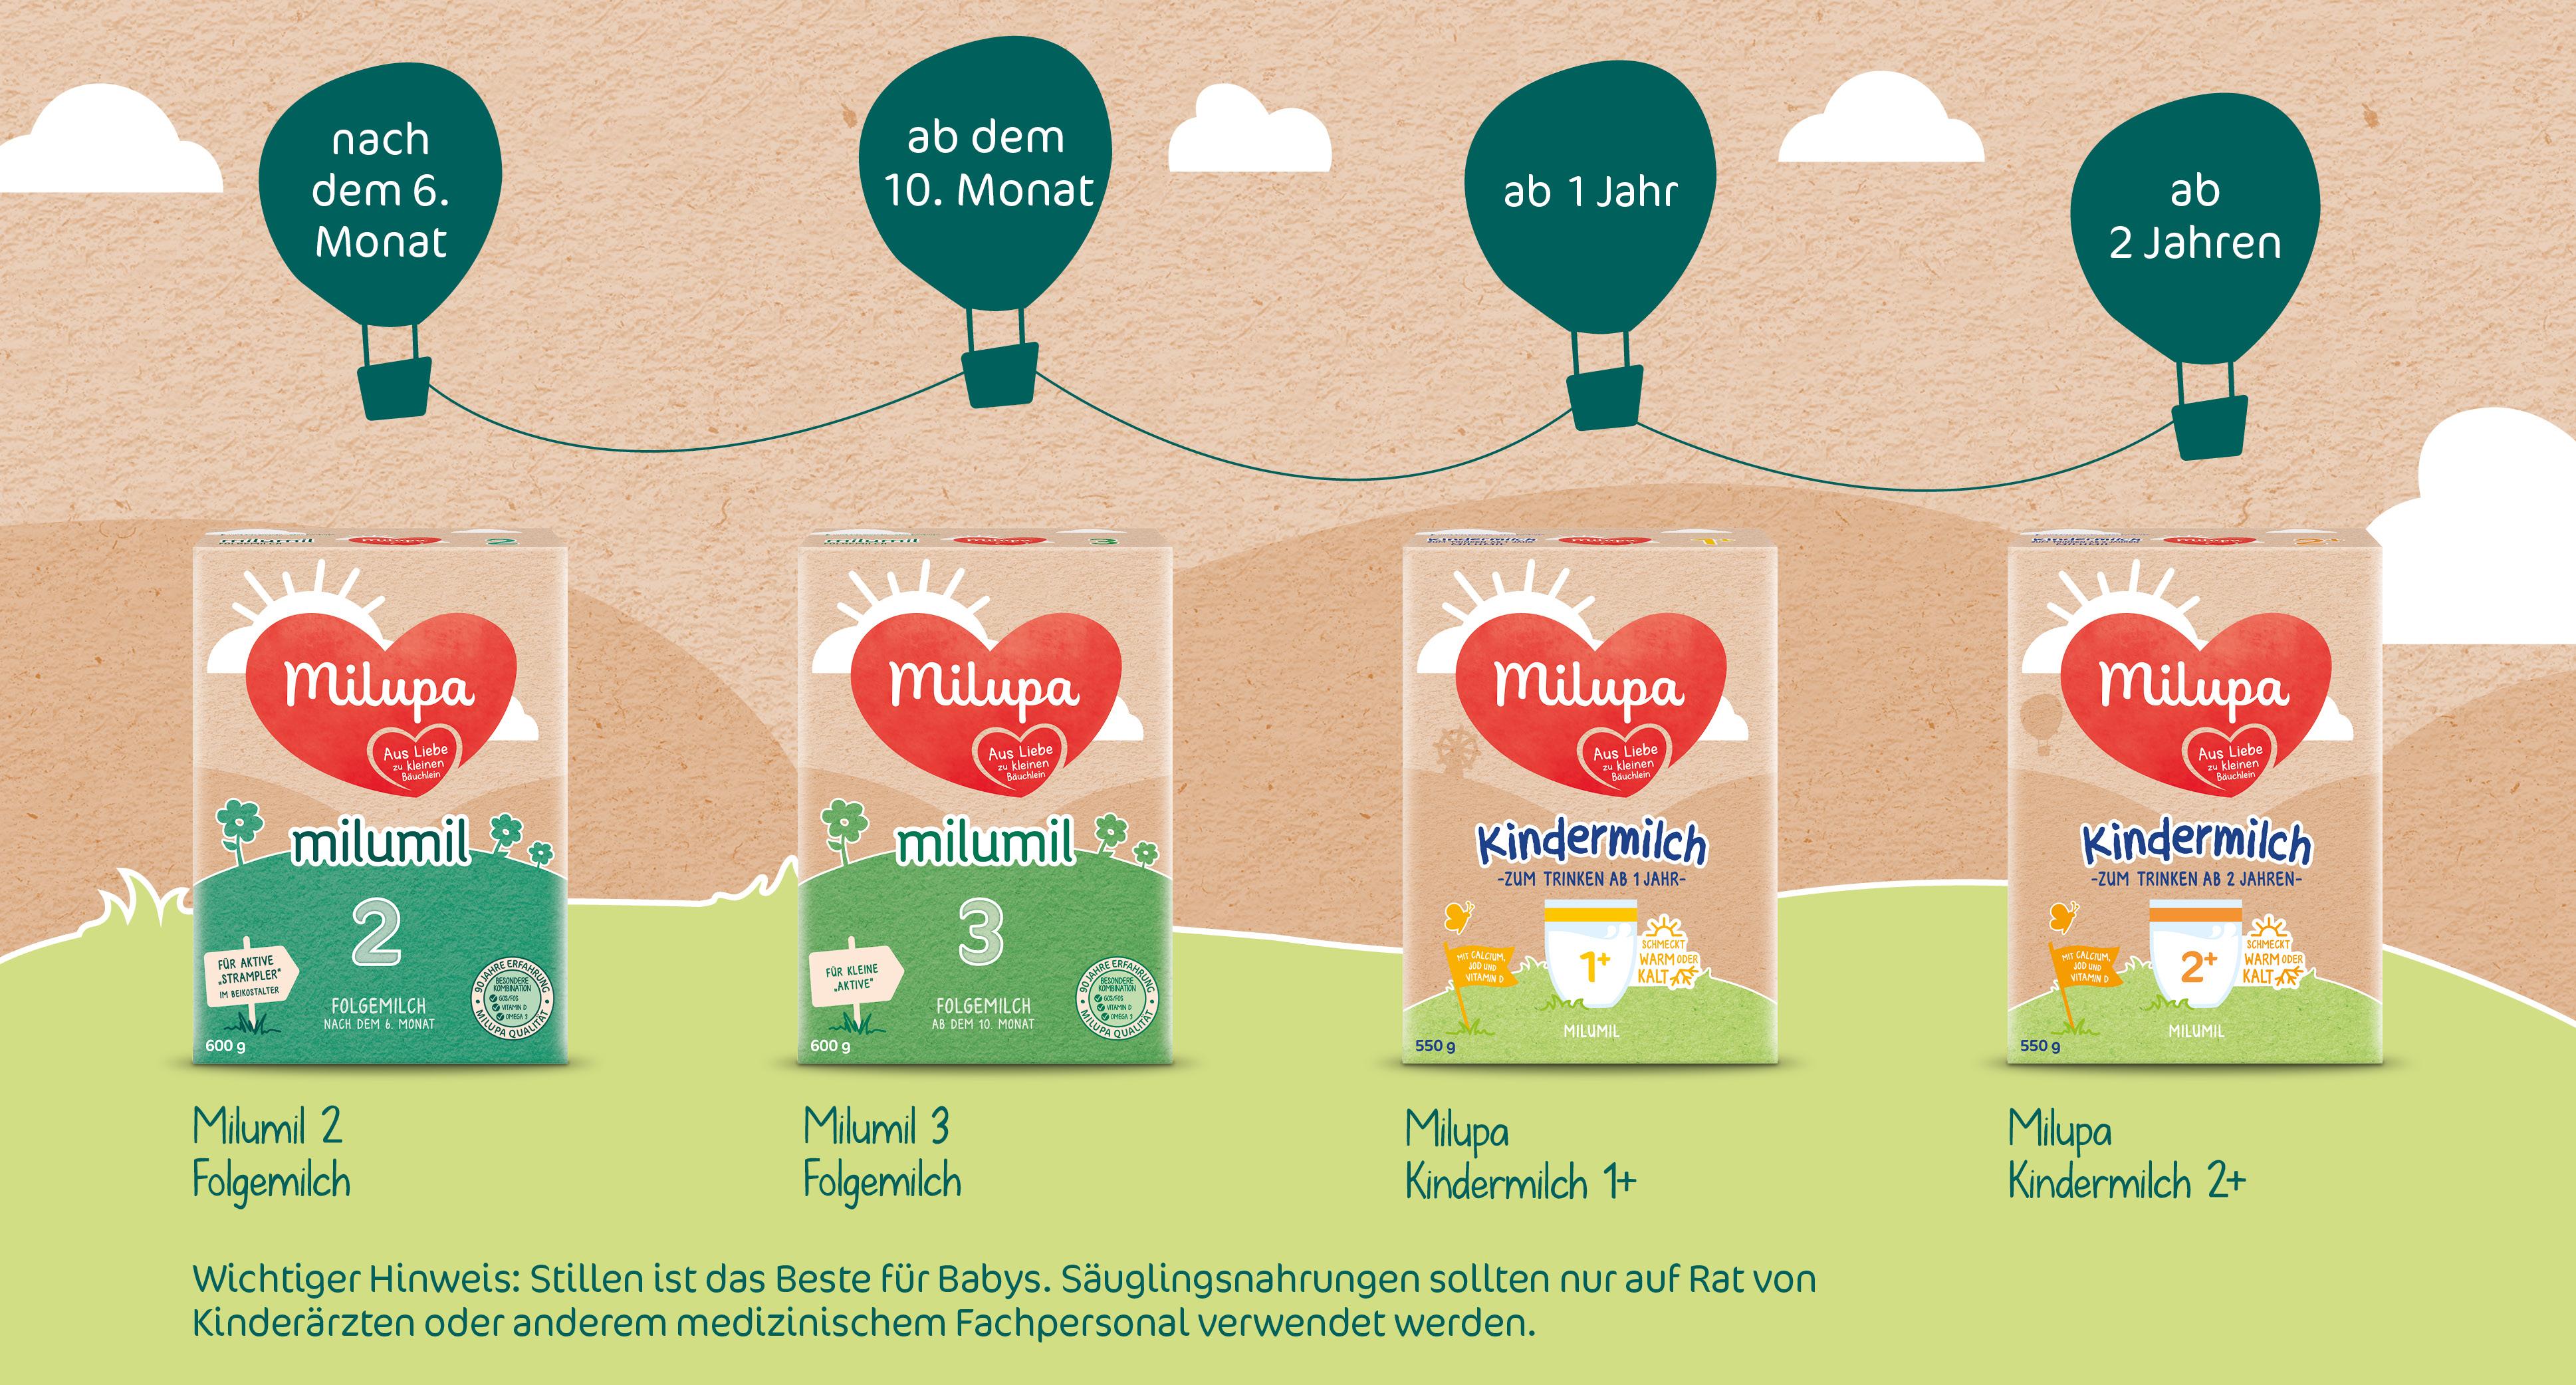 milupa Milumil Kindermilch 1+ 550 g ab dem 1. Jahr - babymarkt.de